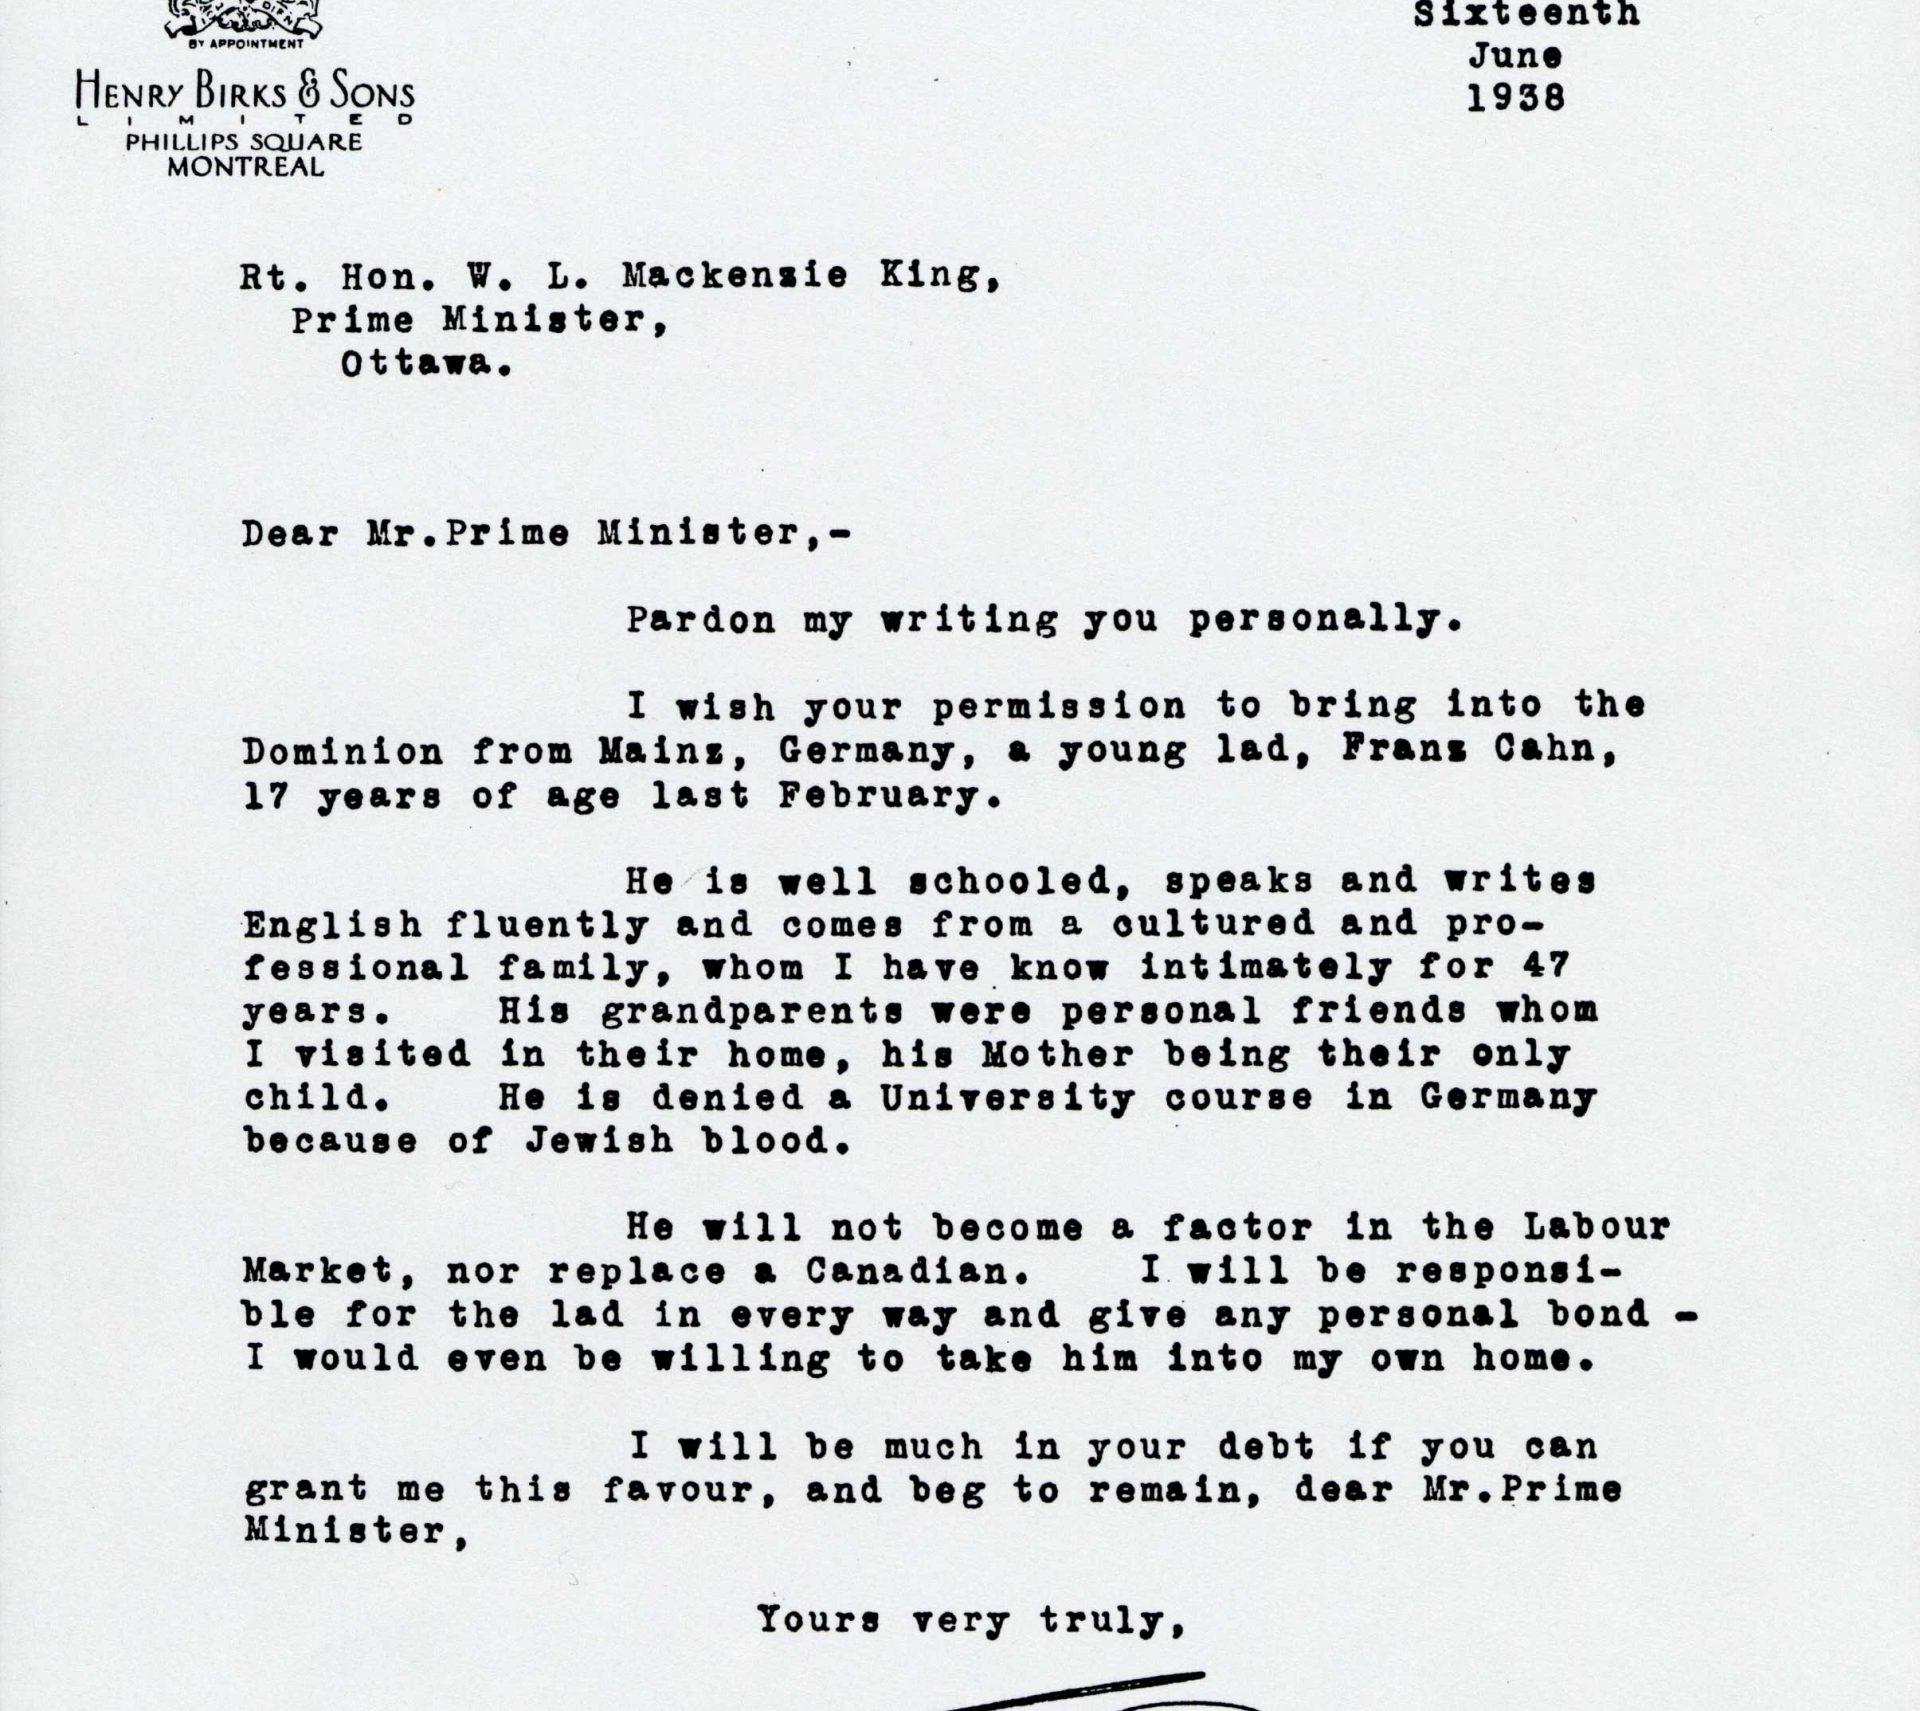 Copie de la lettre que le bijoutier et homme d'affaires William Birks a adressée au premier ministre d'alors, William Lyon Mackenzie King.